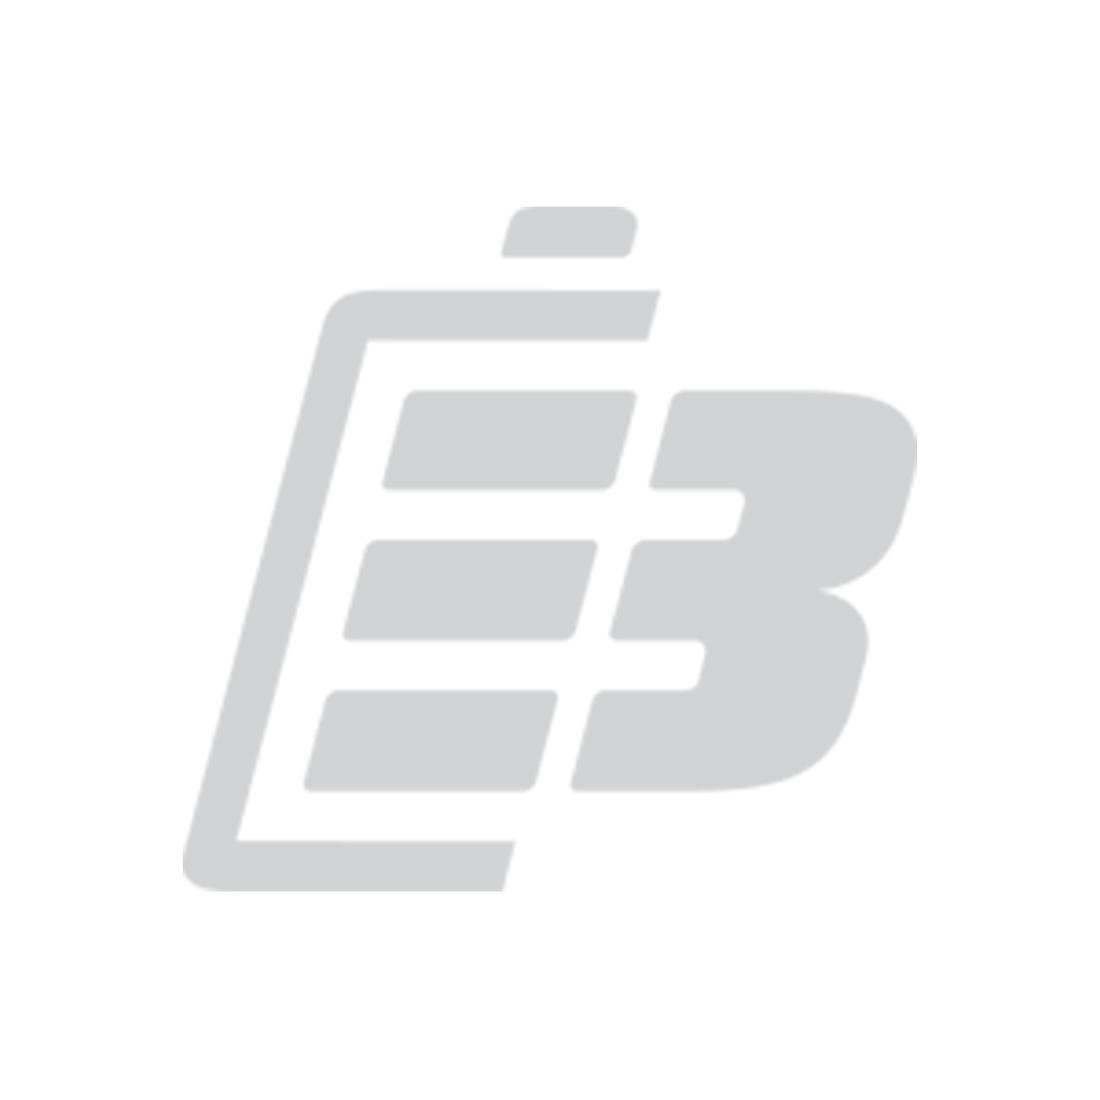 Camcorder battery Sanyo DB-L90_1